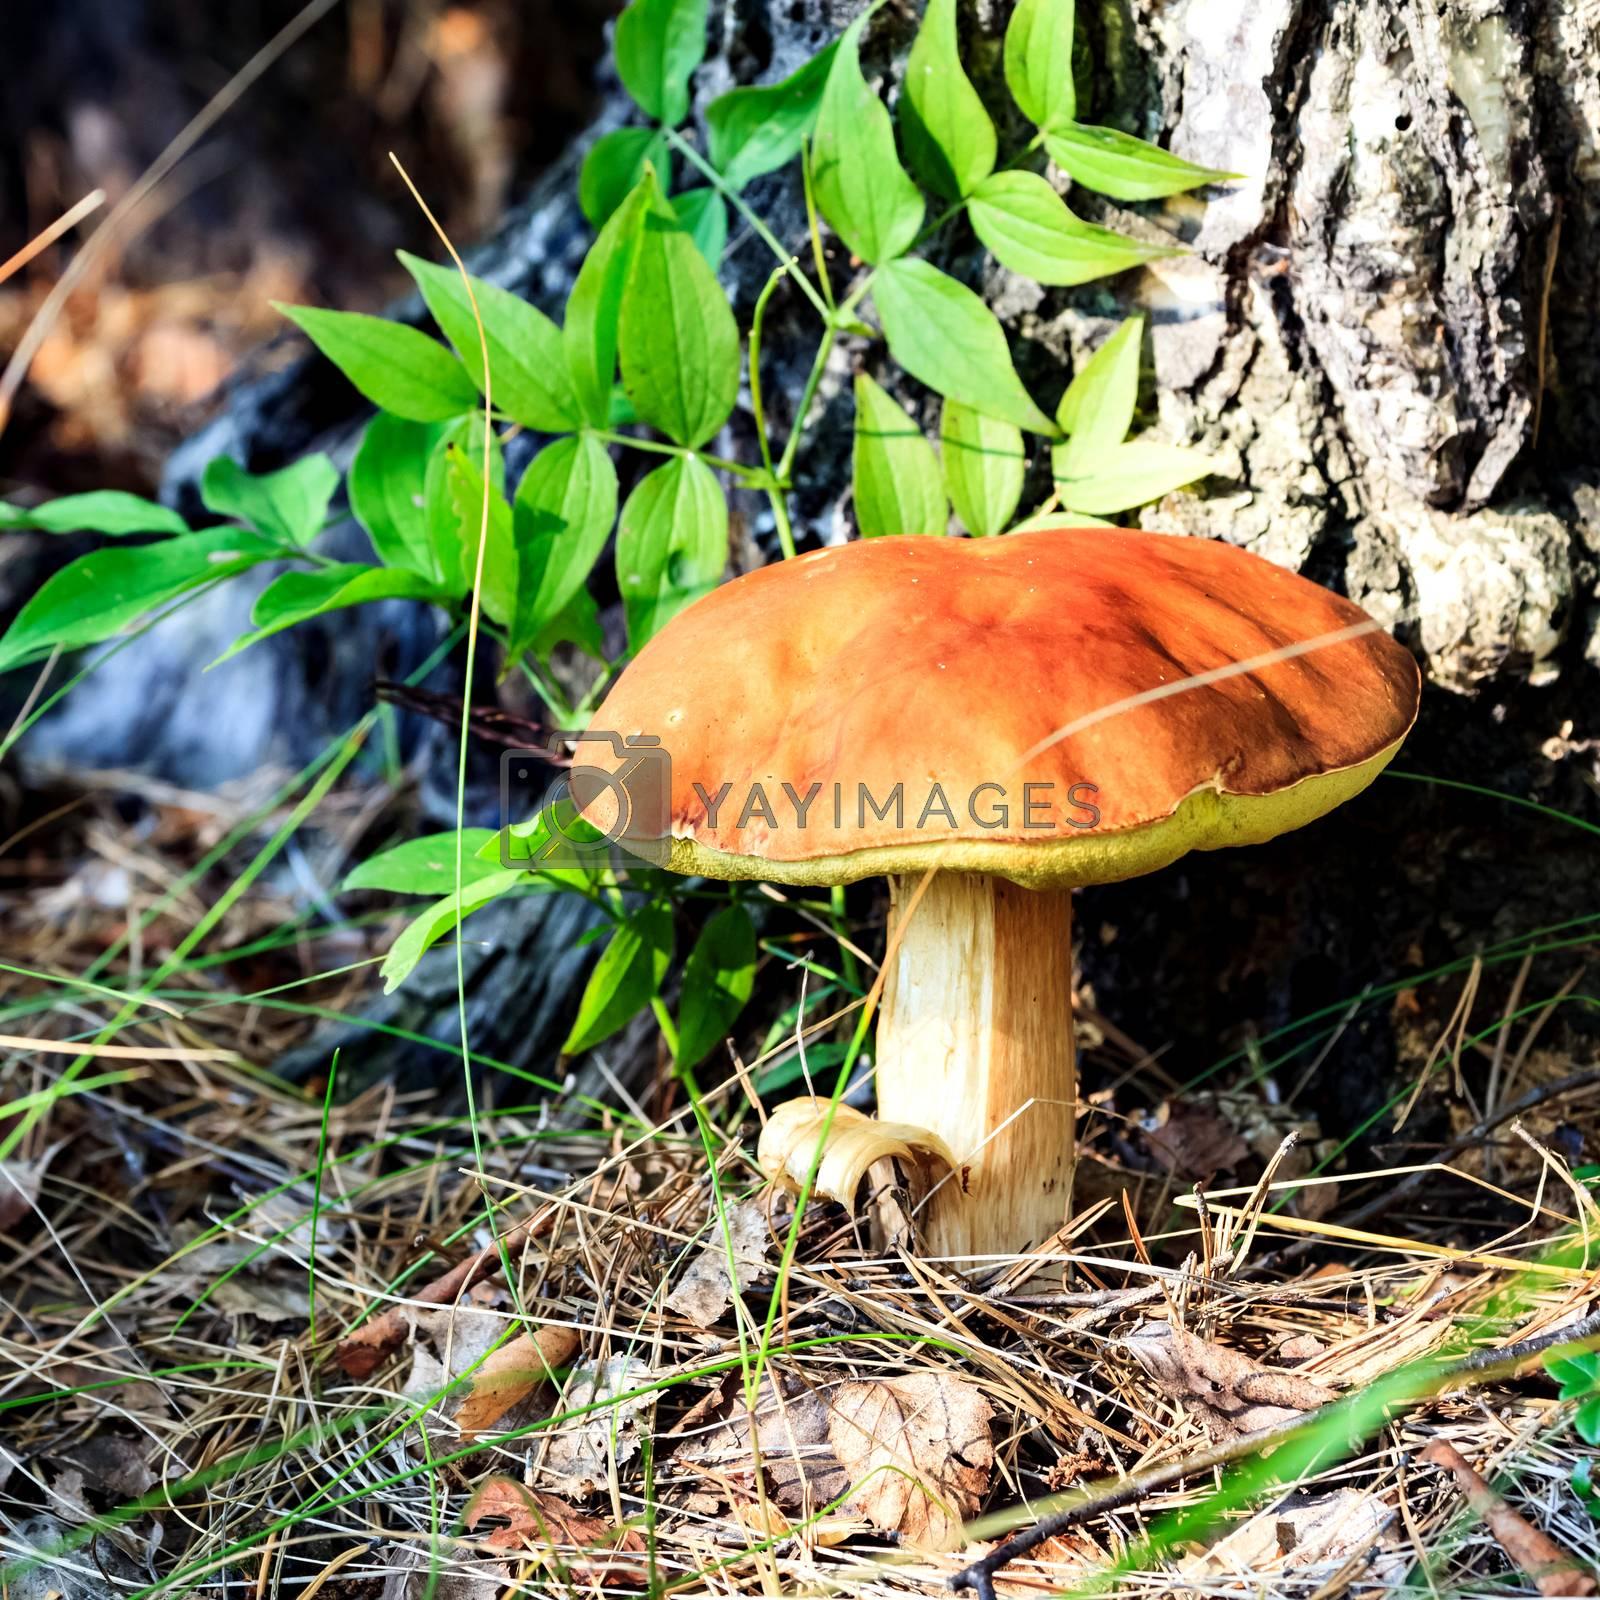 Big mushroom under the tree